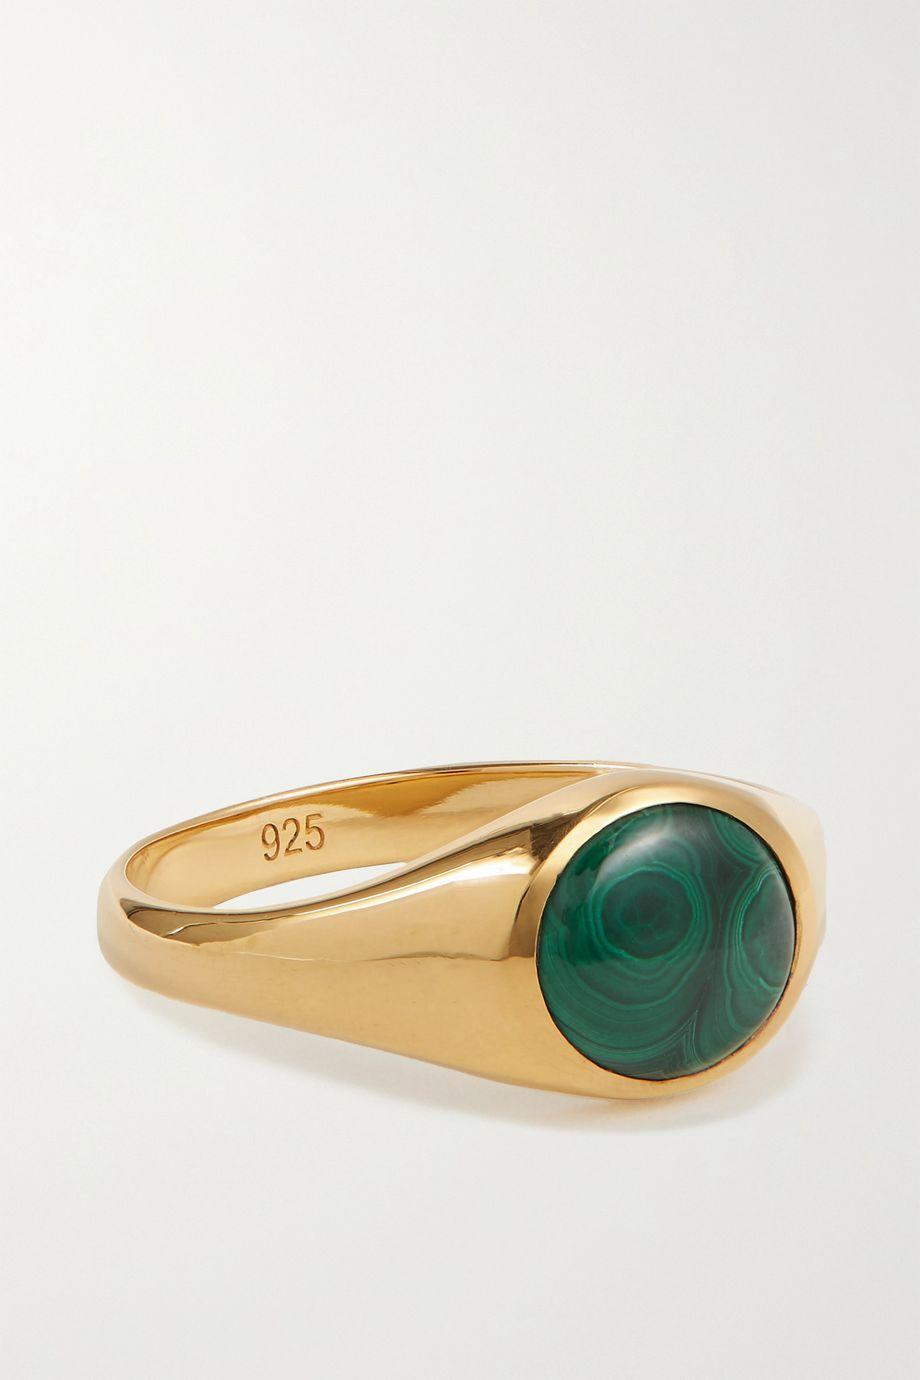 Rasa x Anna Beck Kleiner vergoldeter Ring mit Malachit